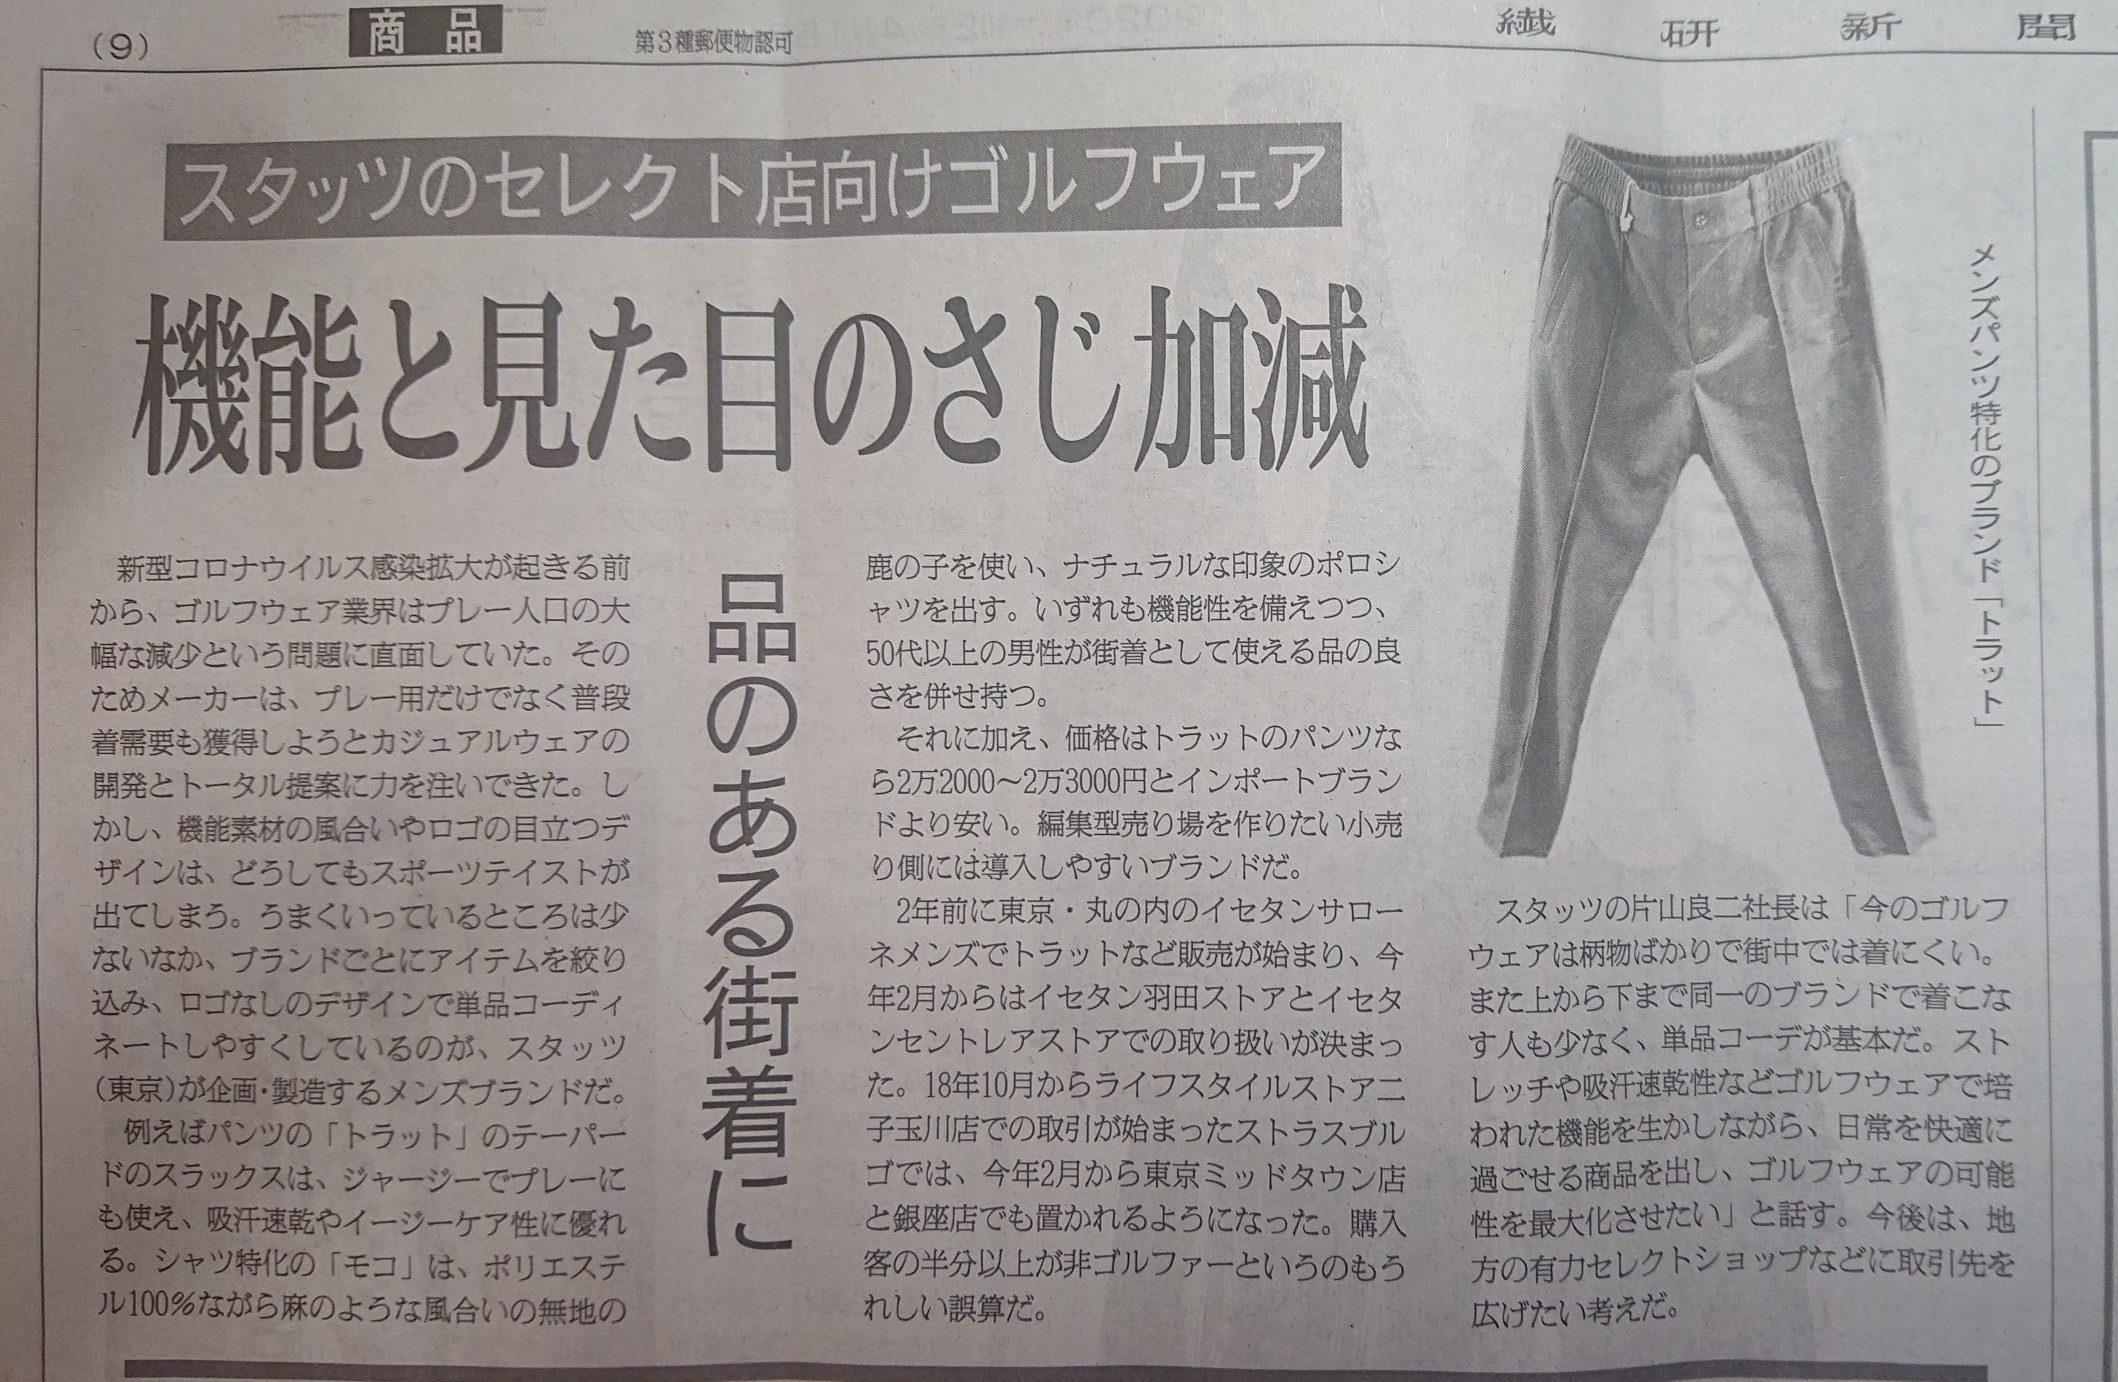 繊研新聞4月15日版に記事が掲載されました。